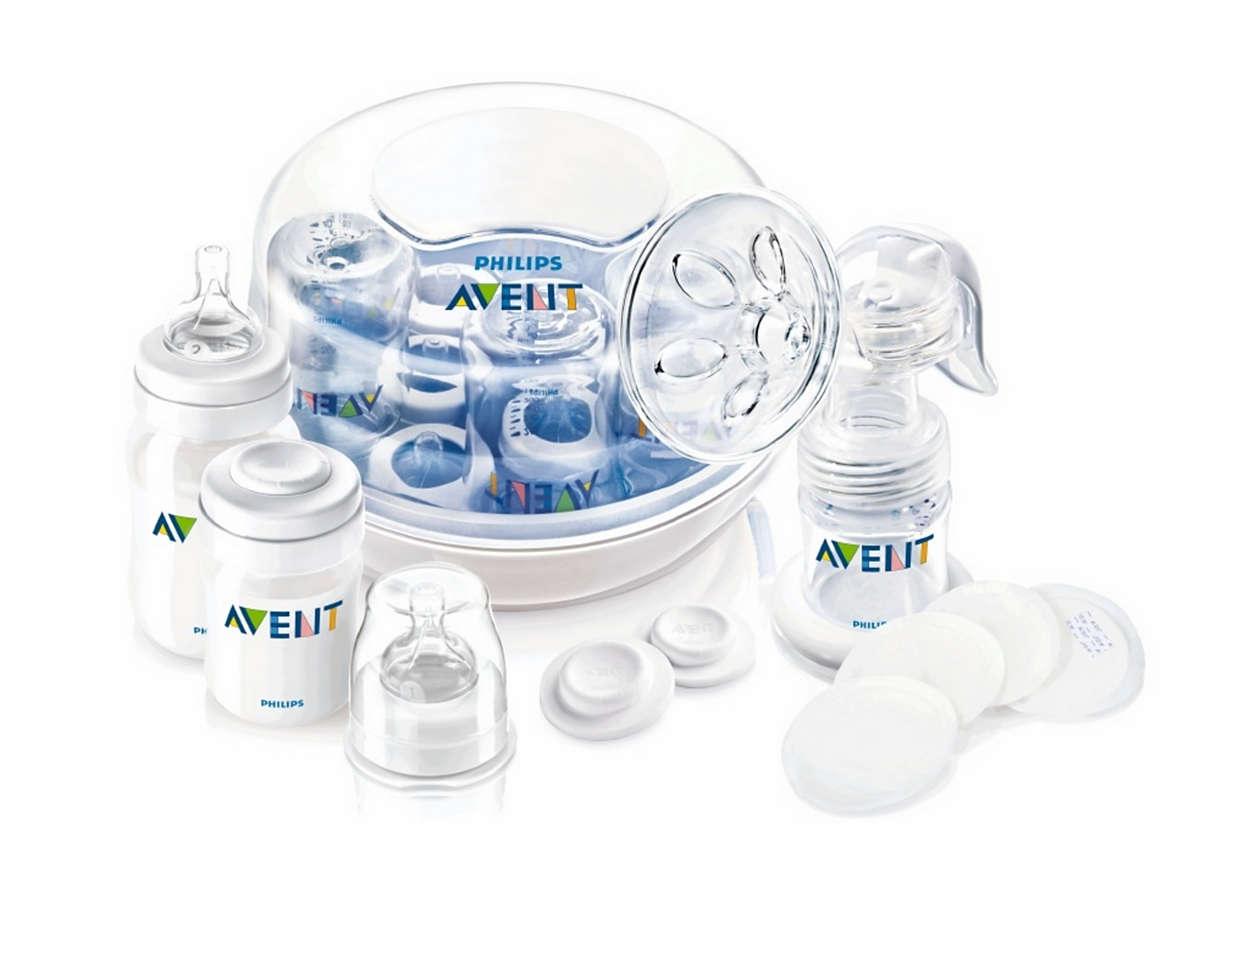 مواد الرضاعة والتعقيم الأساسية